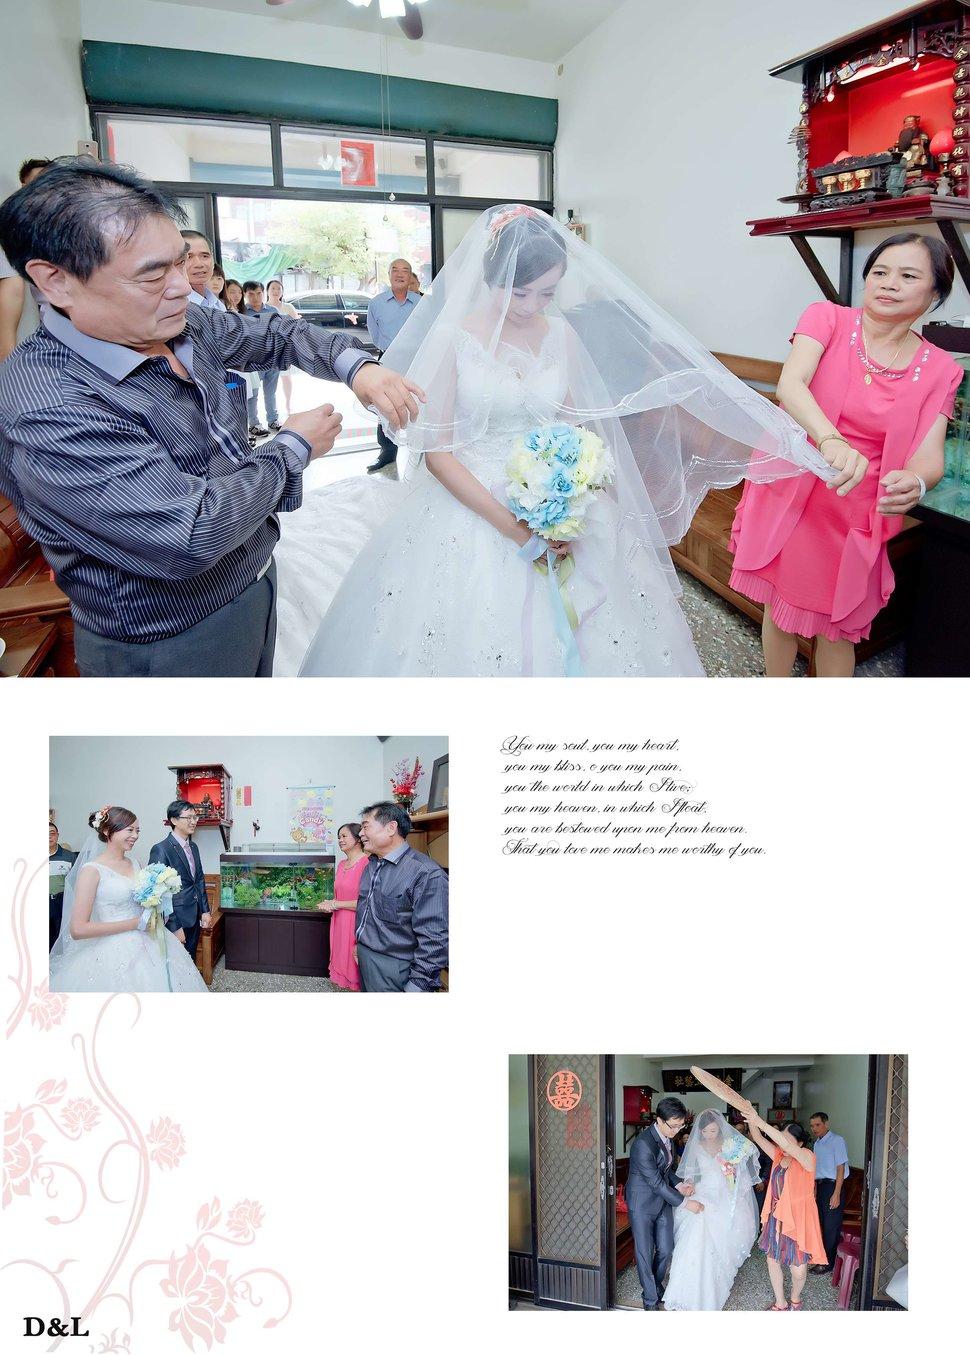 台中婚攝 婚禮記錄 訂結午宴 球愛物語景觀婚禮會館 平面攝影(編號:374400) - D&L 婚禮事務-婚紗攝影/婚禮記錄 - 結婚吧